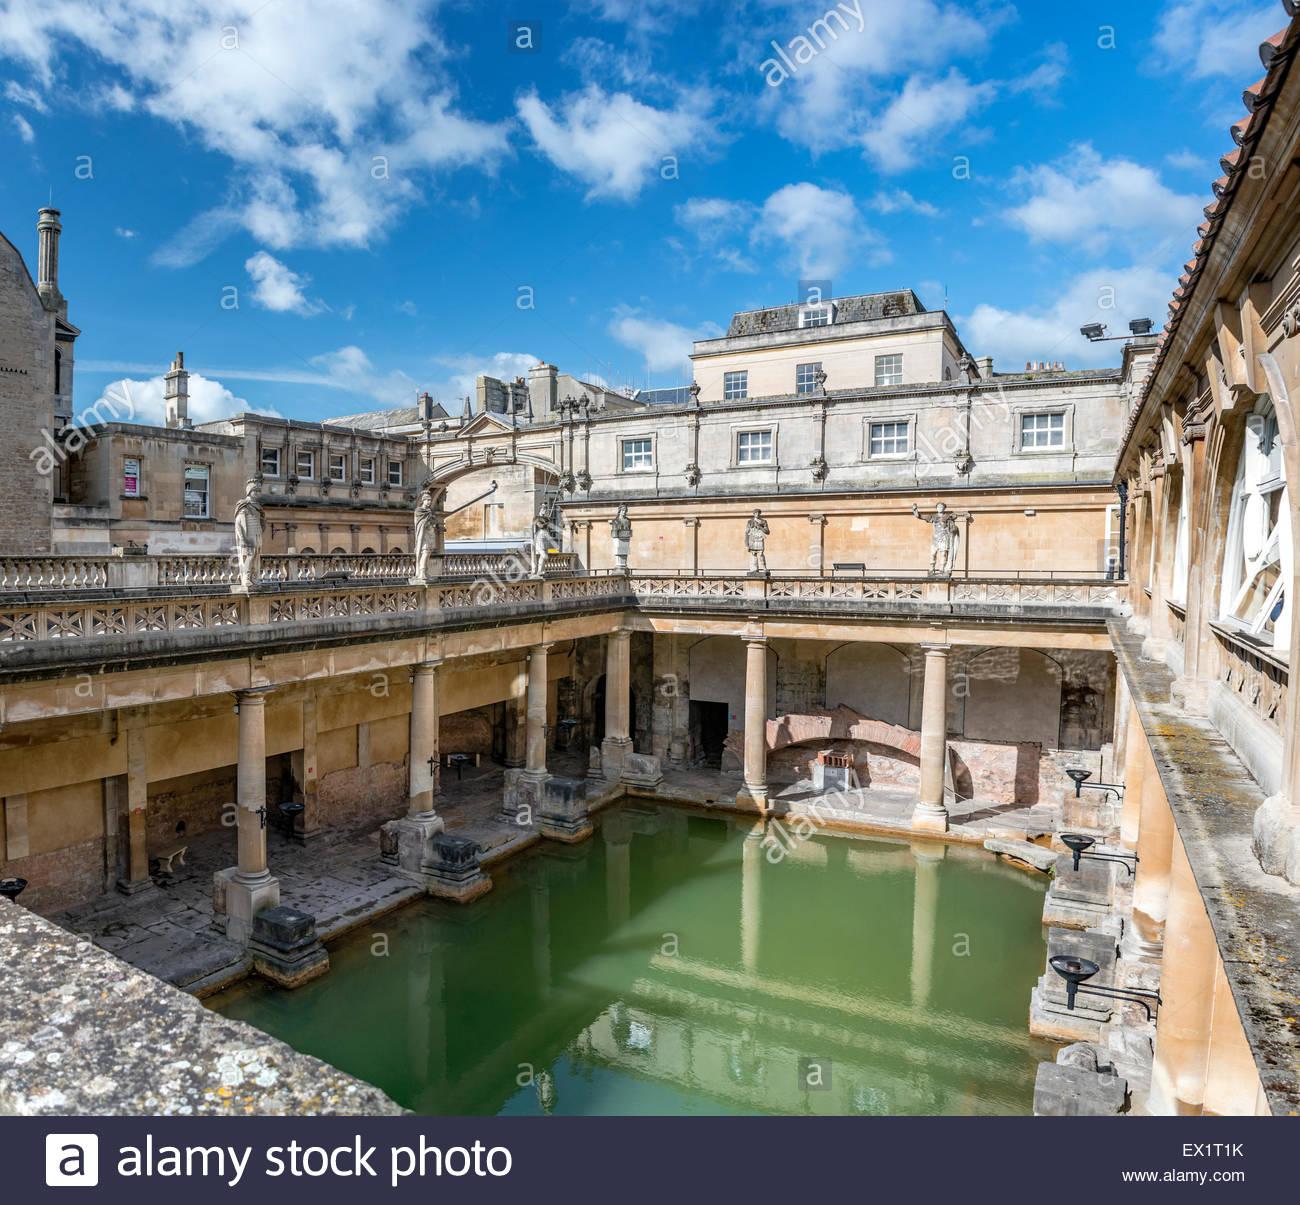 Le complexe des bains romains, un site d'intérêt historique dans la ville anglaise de Bath, Somerset, Photo Stock